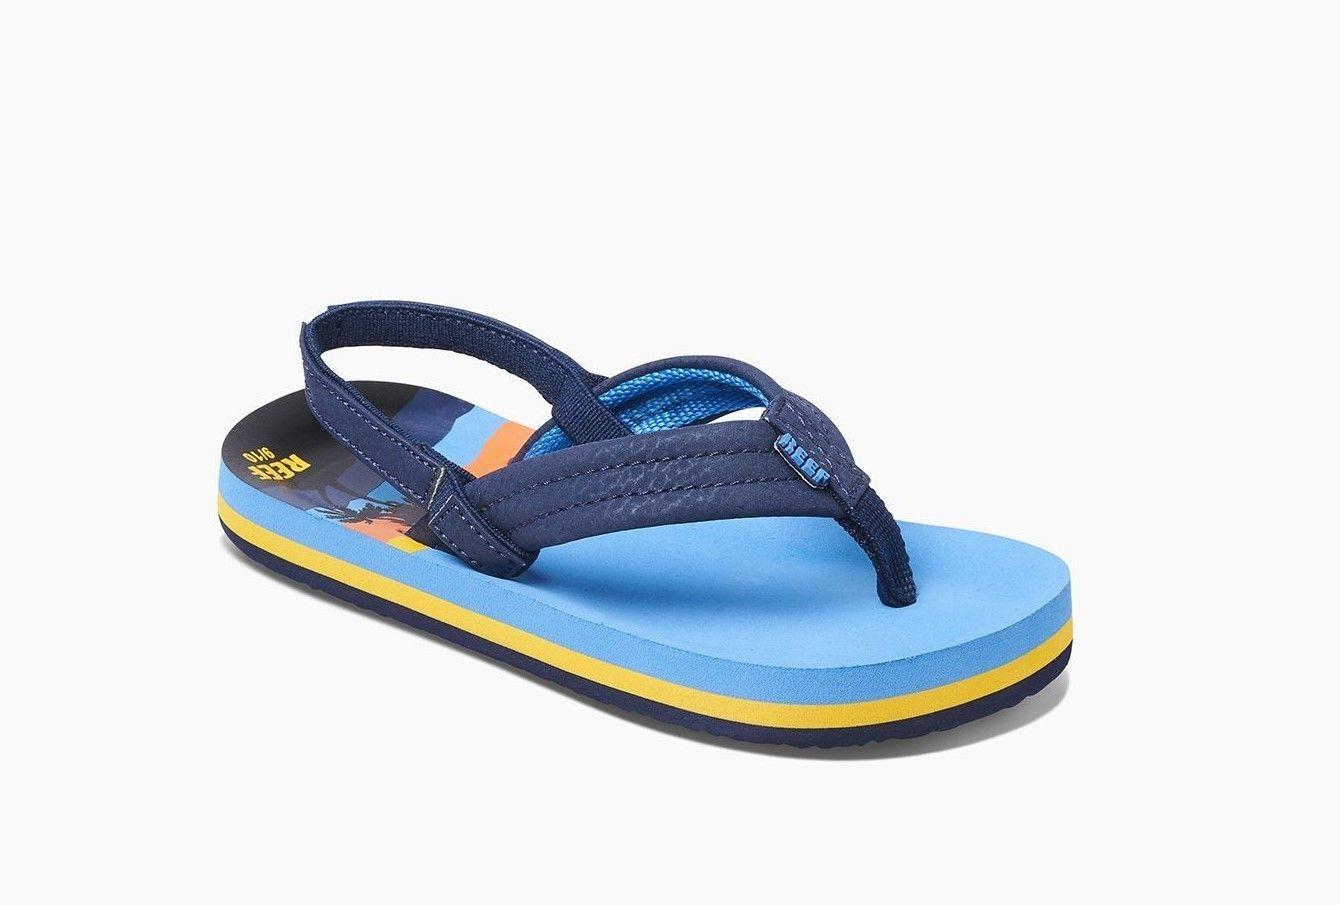 Reef jongens slipper Ahi blue hawai